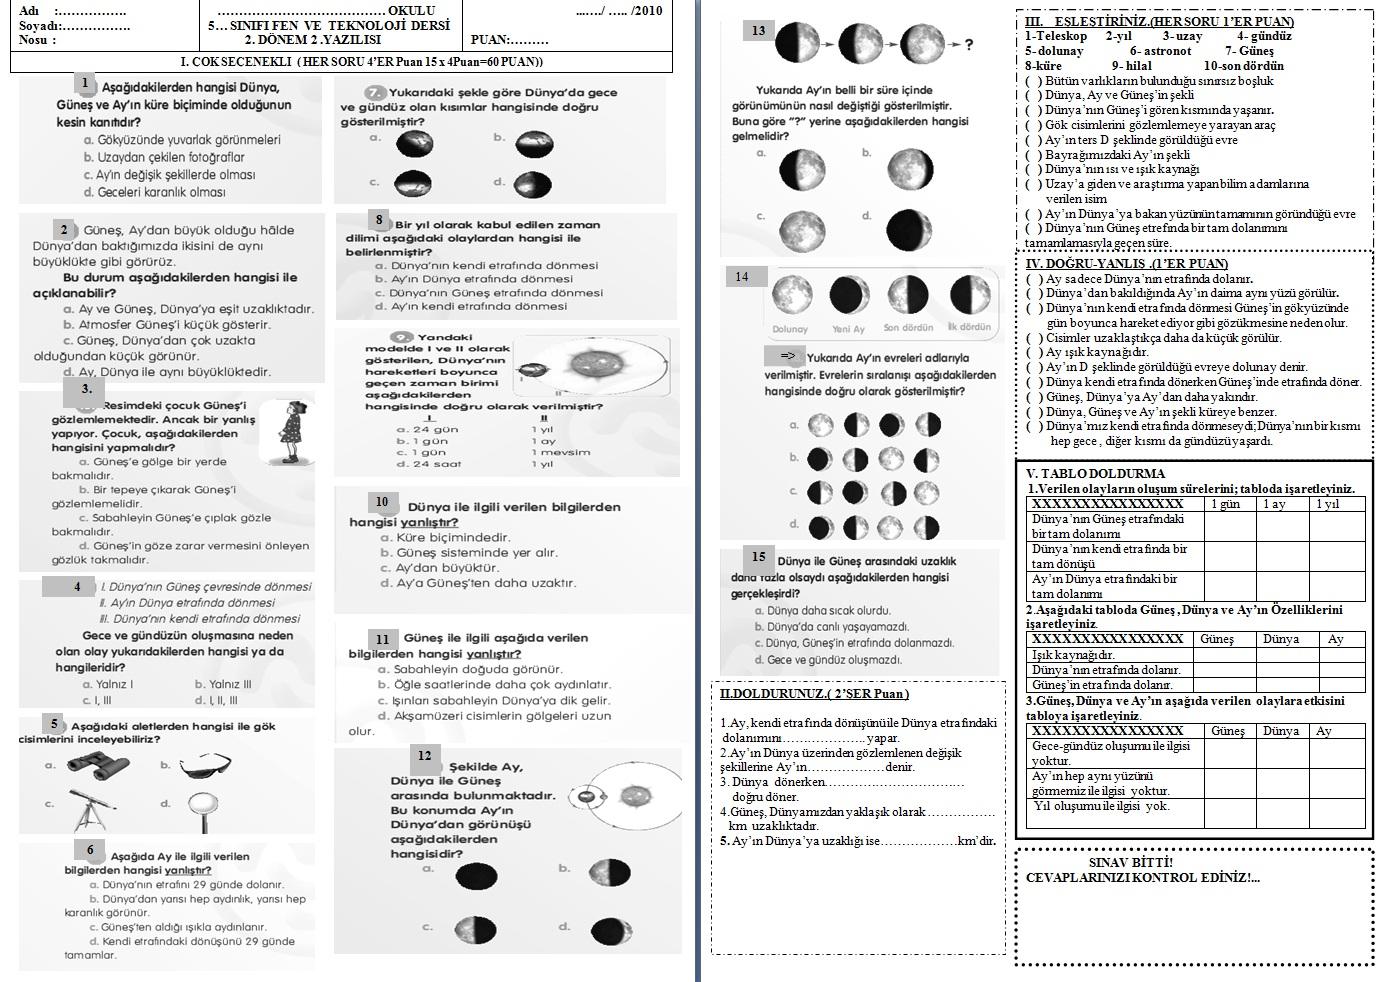 Sınıf fen ve teknoloji 2 dönem 2 yazılı 3